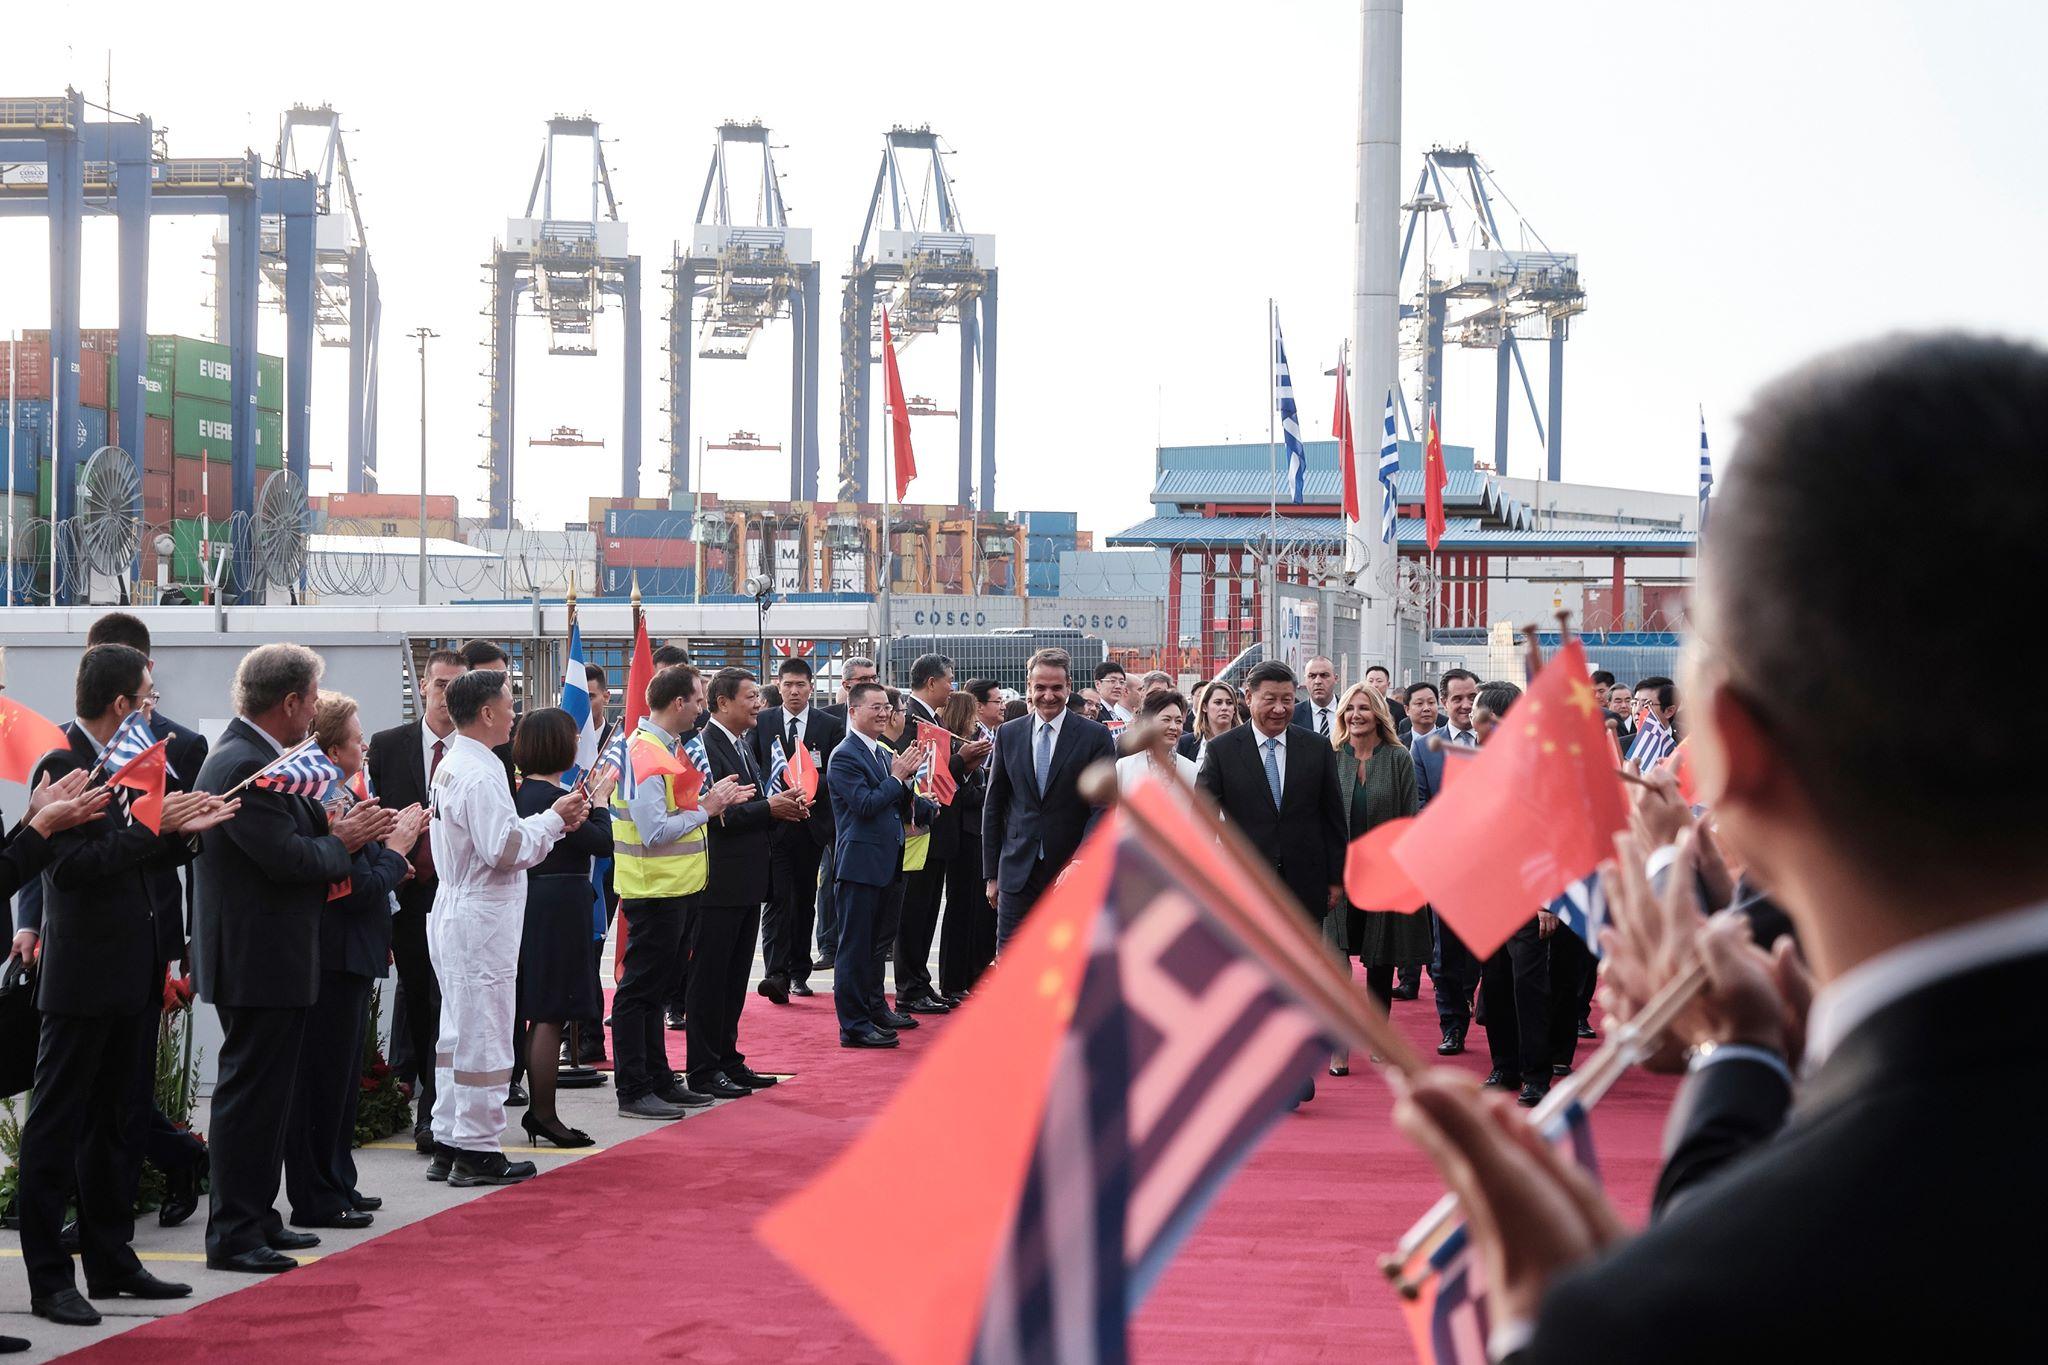 習近平訪希臘 雙邊簽署多項投資協議(圖/希臘總理官網)